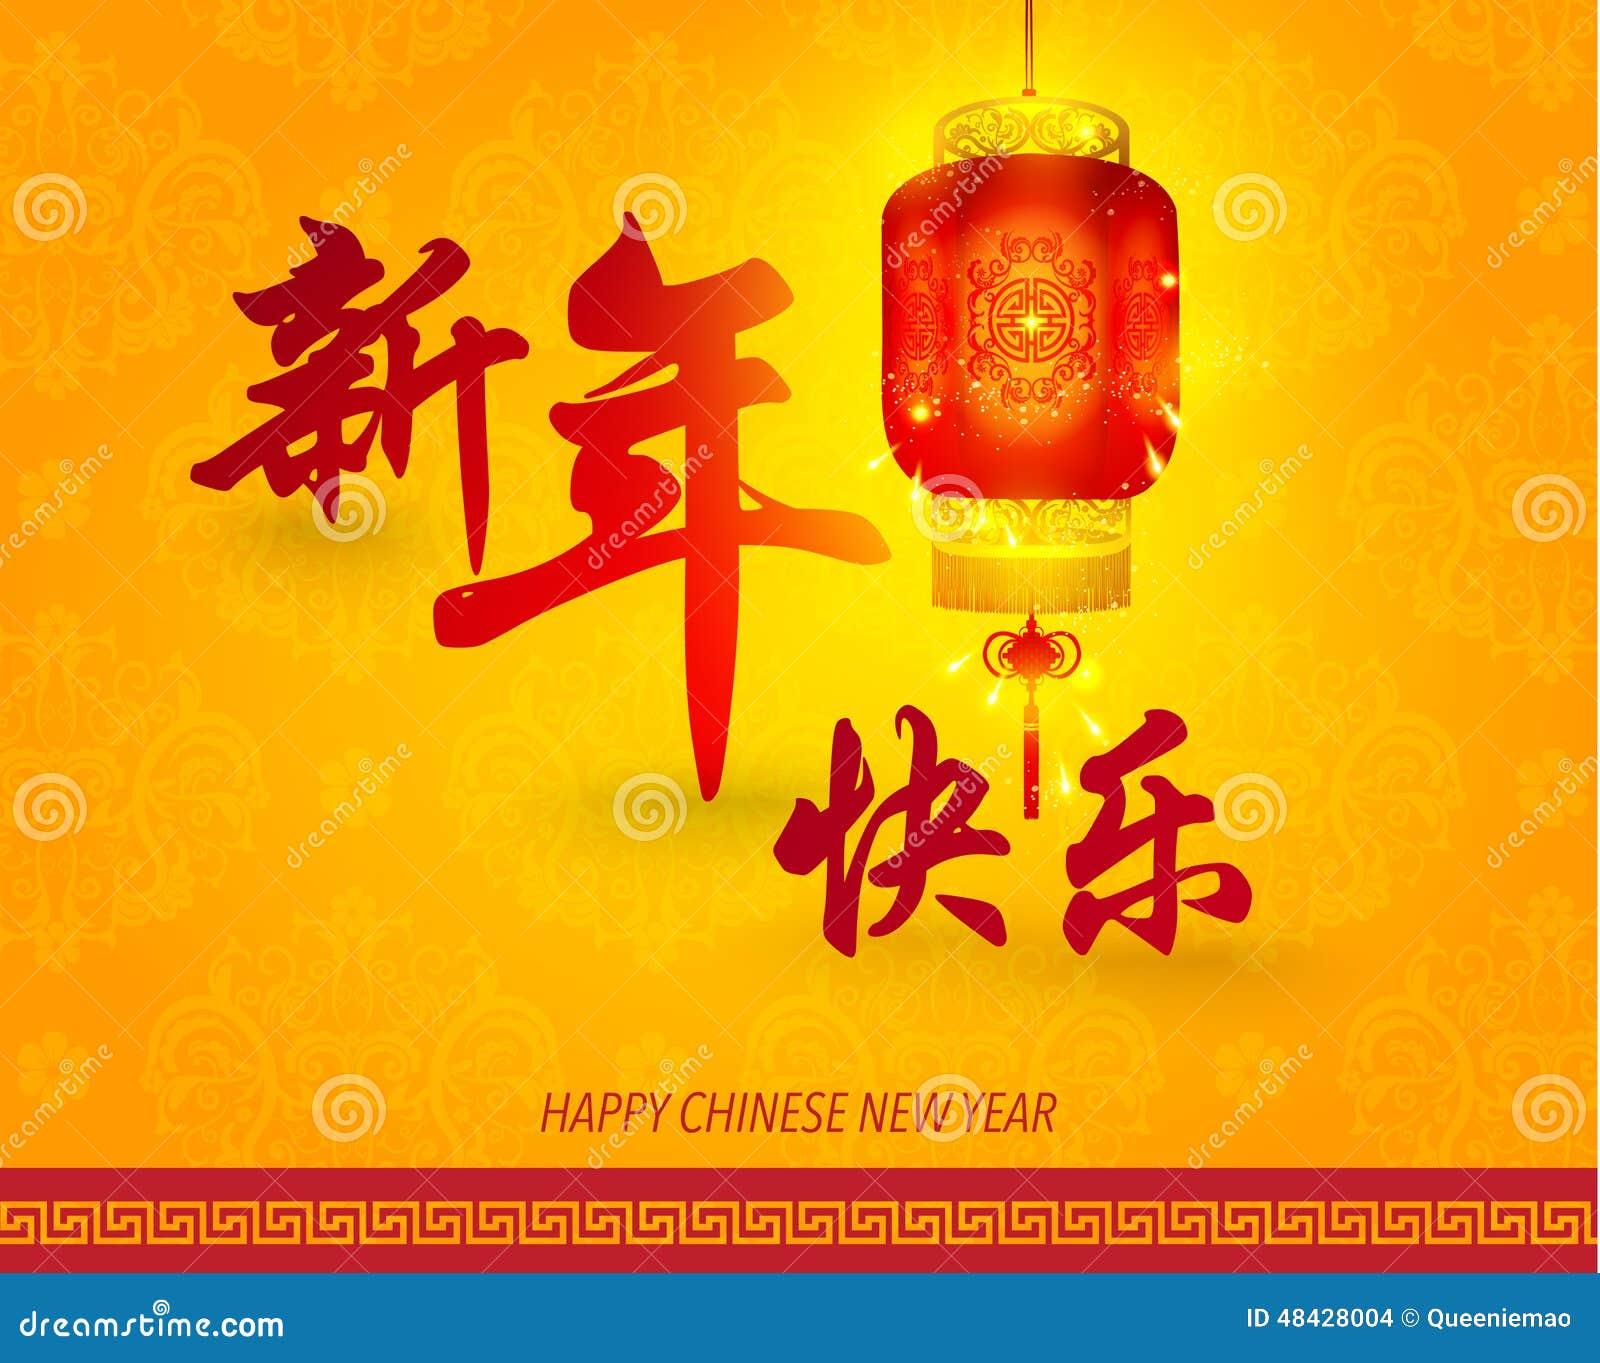 Glückliche Chinesische Grüße Des Neuen Jahres Stock Abbildung ...